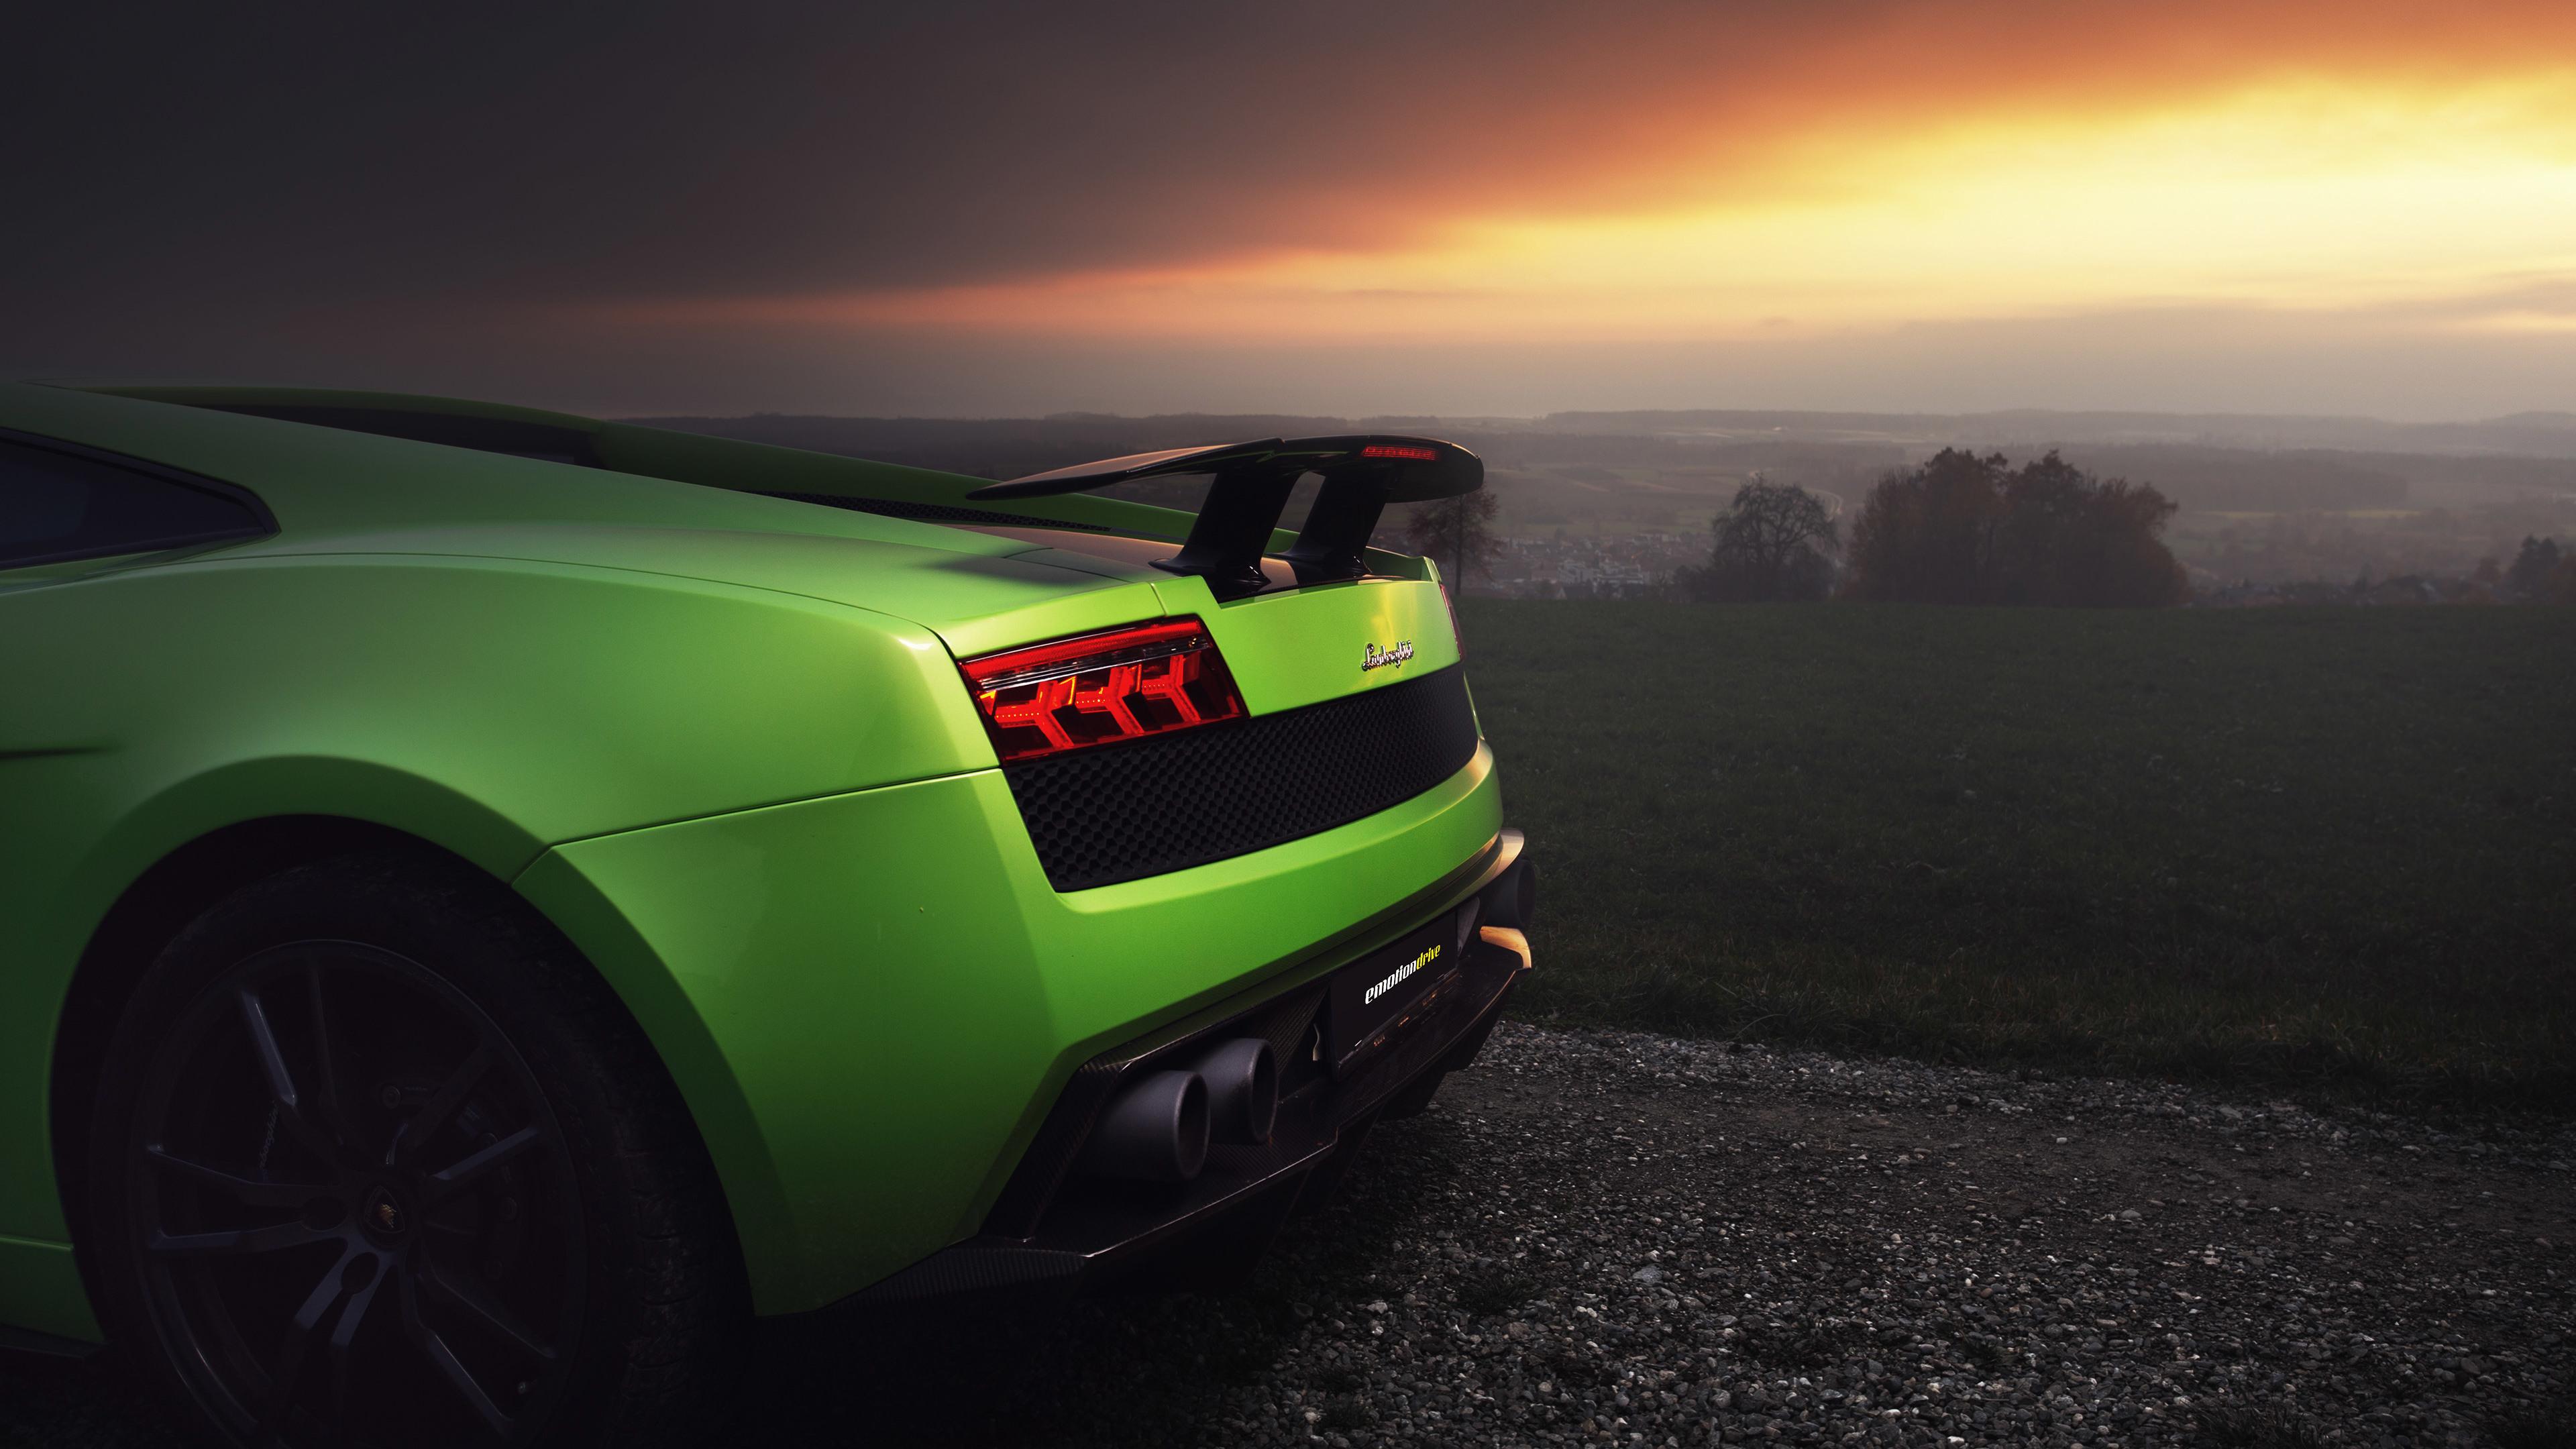 lamborghini gallardo superleggera hd 1539105096 - Lamborghini Gallardo Superleggera HD - lamborghini wallpapers, lamborghini gallardo wallpapers, hd-wallpapers, cars wallpapers, 4k-wallpapers